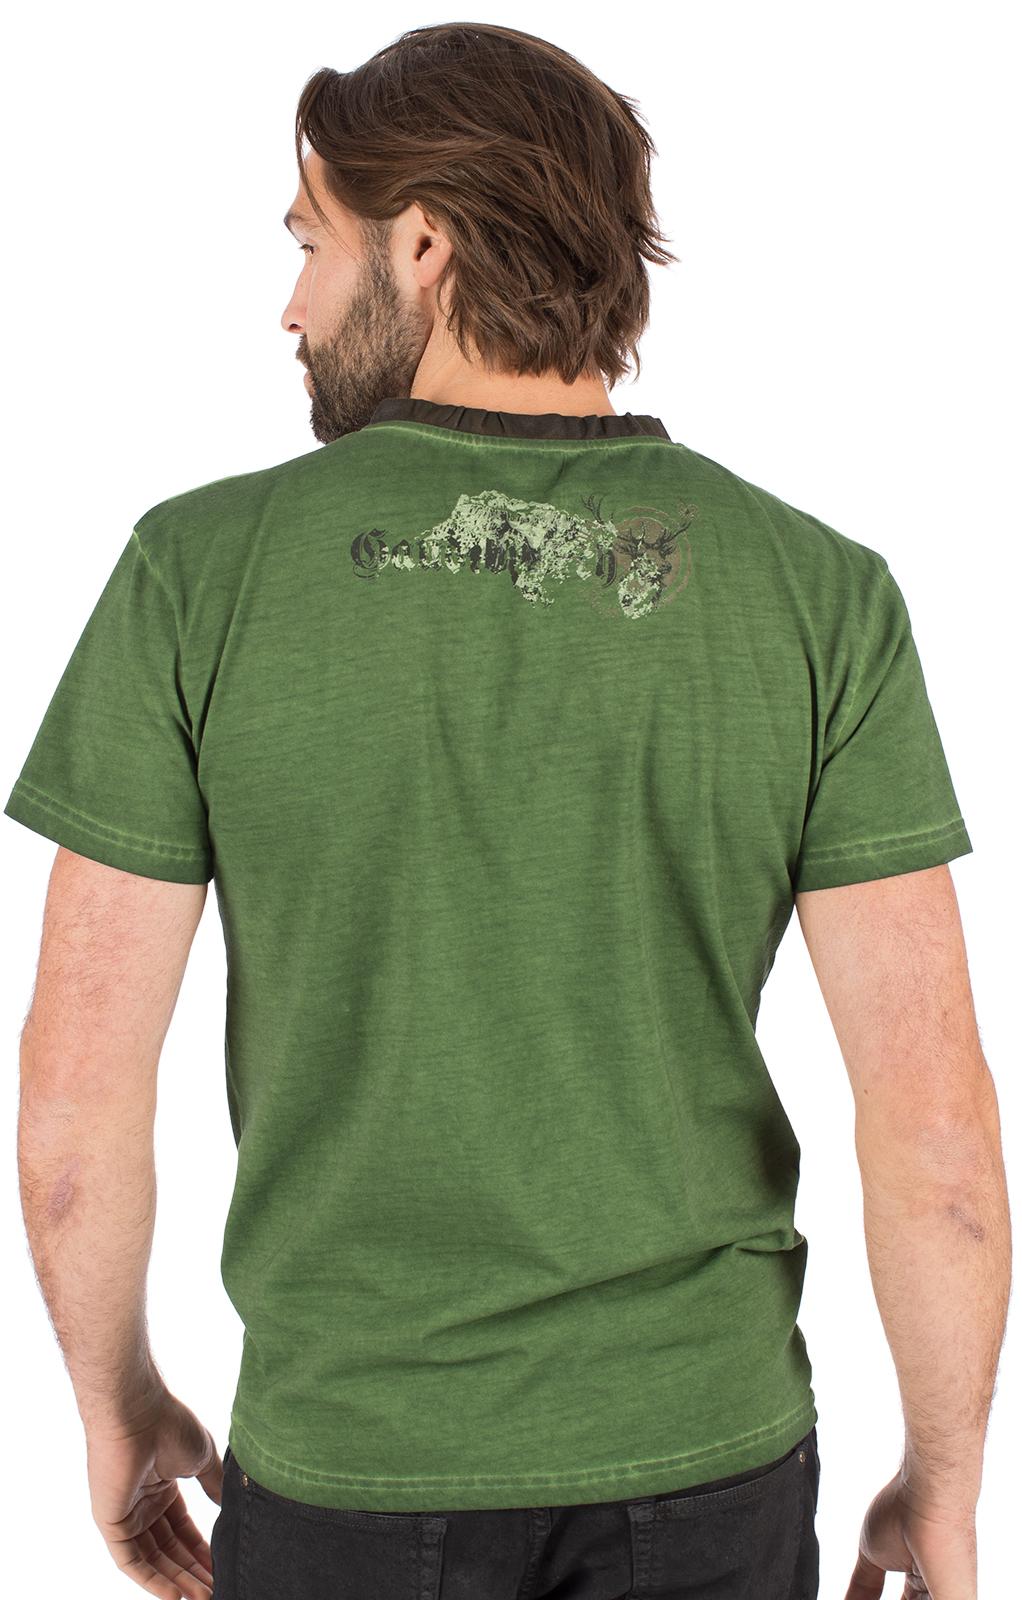 weitere Bilder von Trachten T-Shirt B36 - GAUDIBURSCH grün